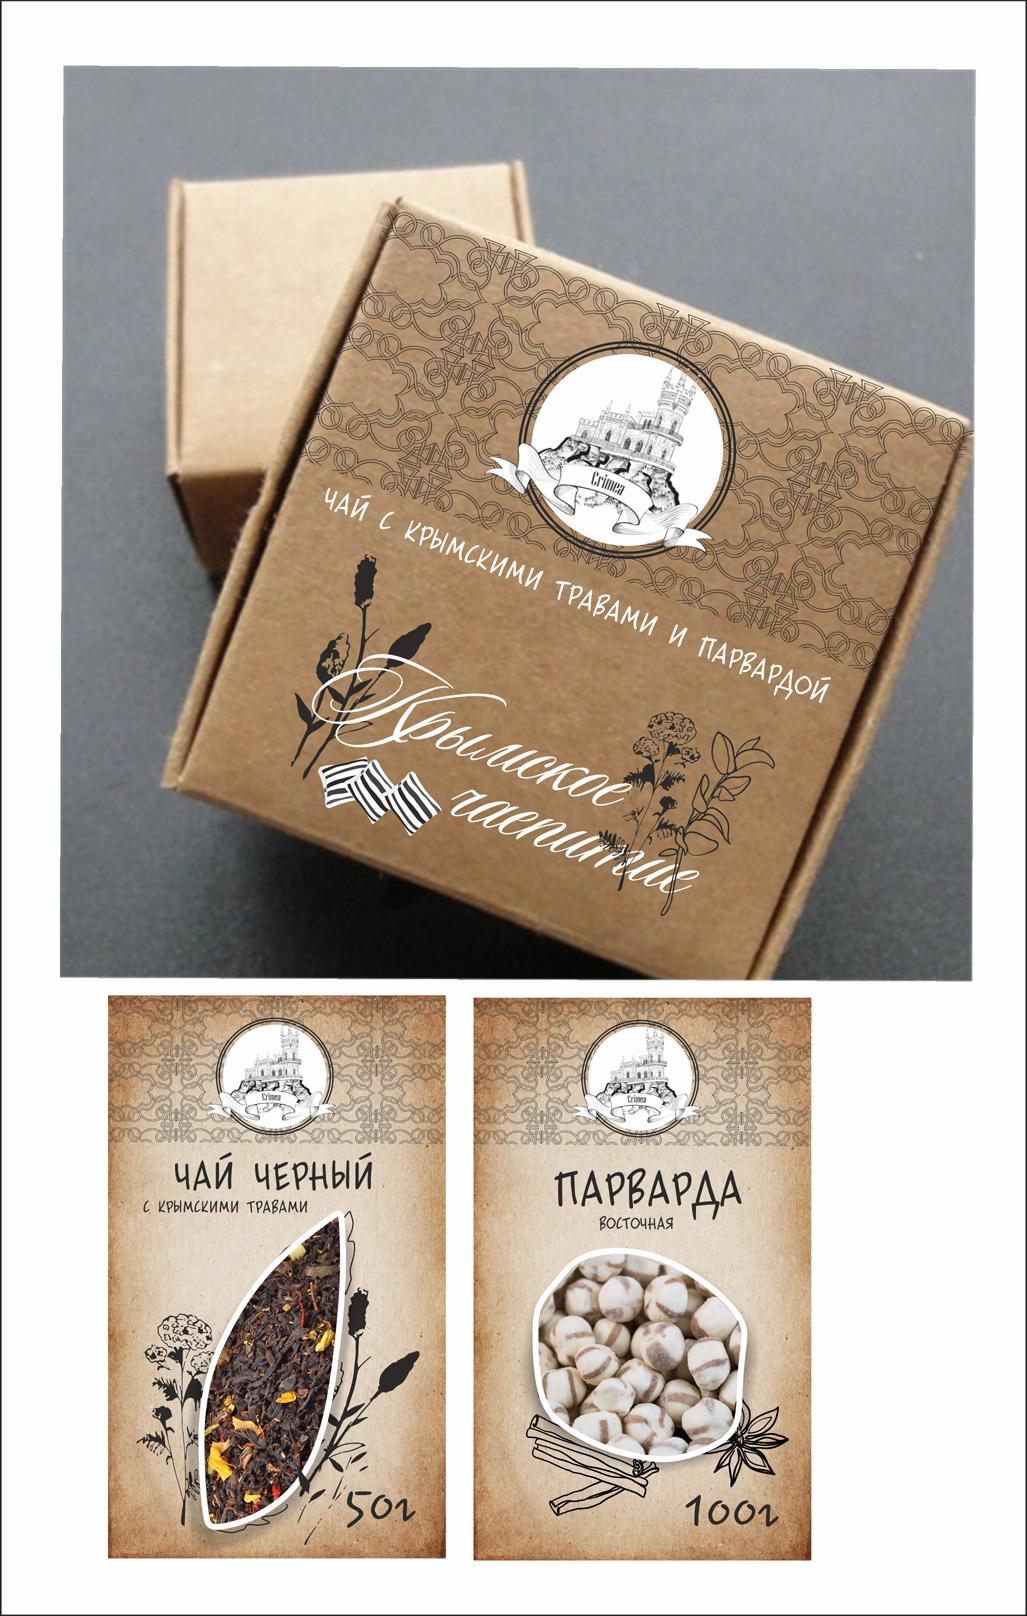 Дизайн коробки сувенирной  чай+парварда (подарочный набор) фото f_3585a58bdfa53463.png